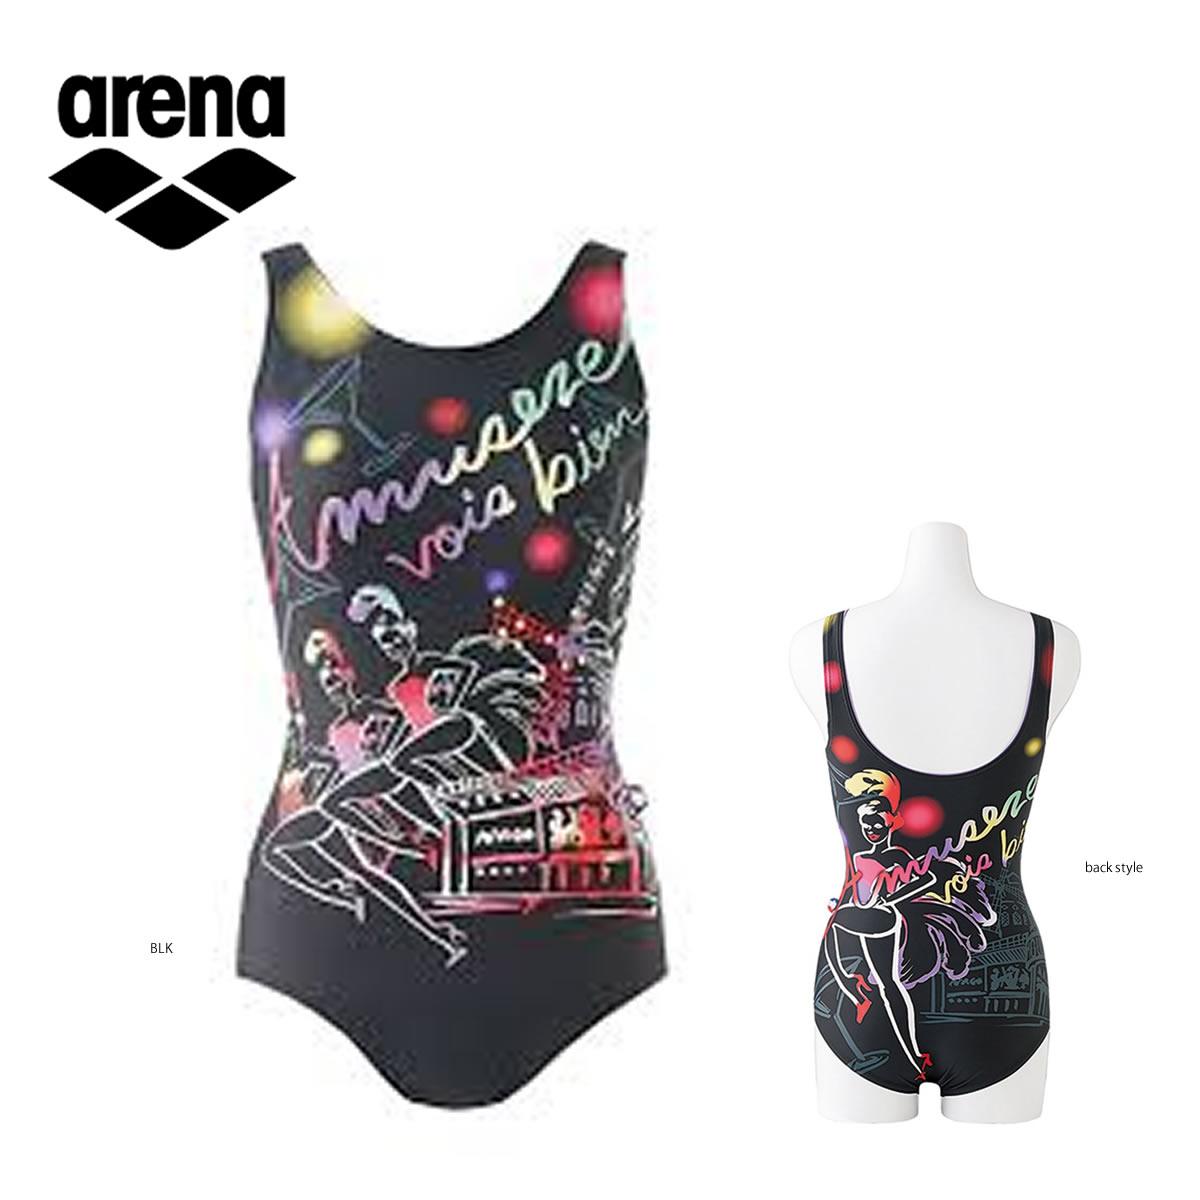 【特価】arena FLA-5718W スイムウェア(レディース) 水泳 アリーナ【メール便可】